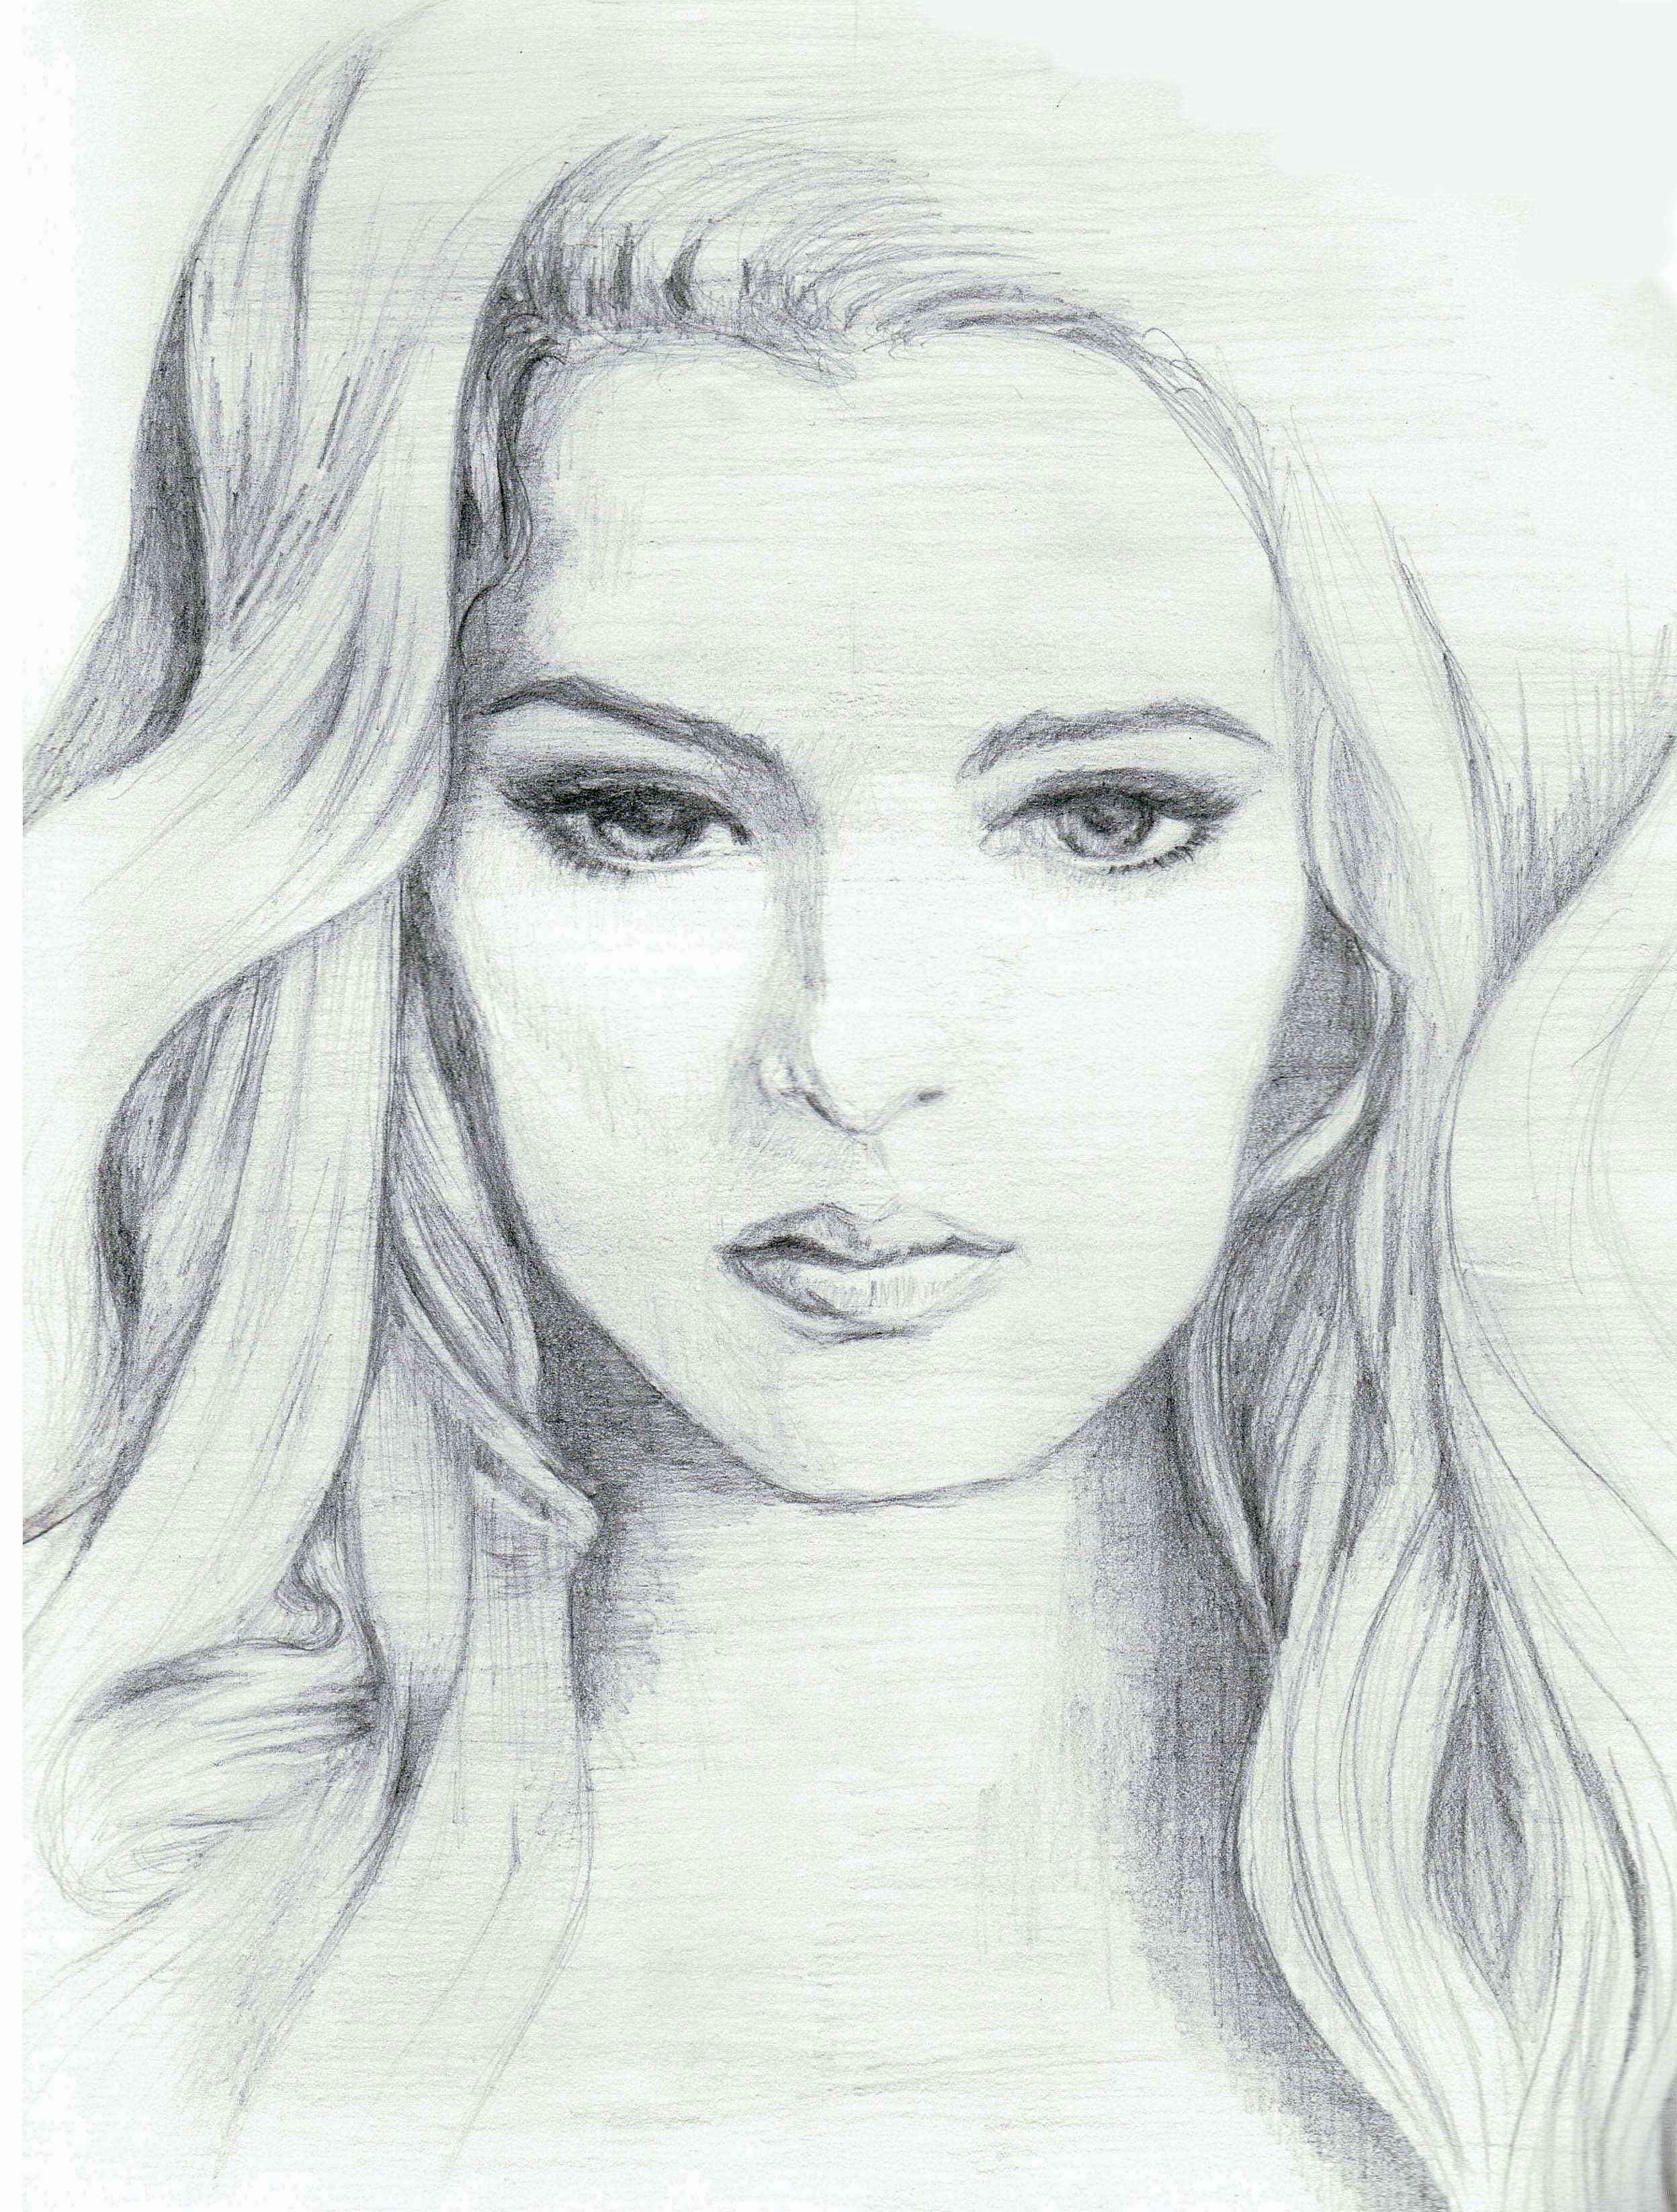 Woman Pencil Sketch : woman, pencil, sketch, Pencil, Drawing, Woman, Pencildrawing2019